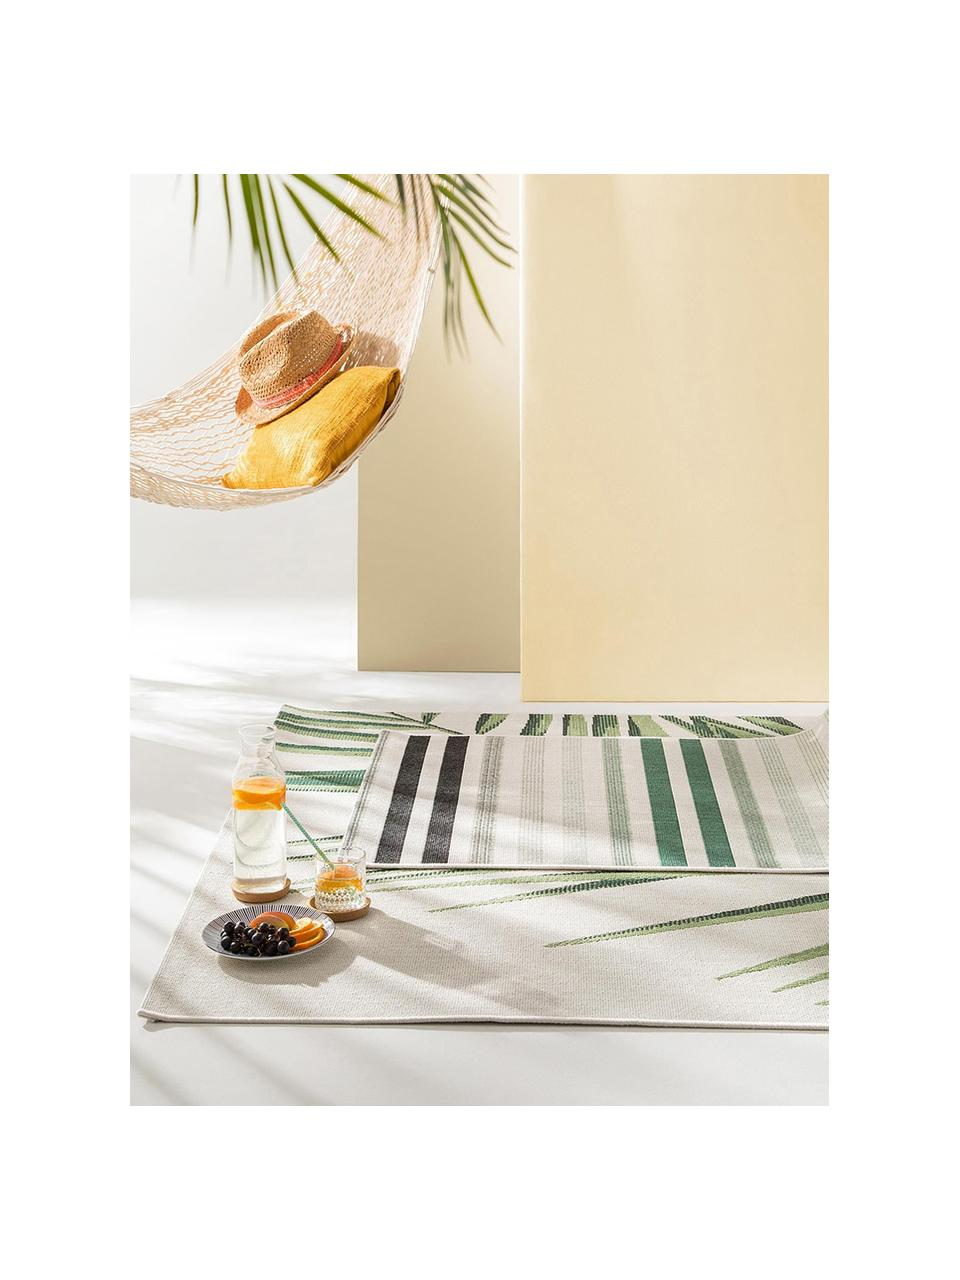 In- & Outdoor-Teppich Capri Palm mit Palmenblattmotiv, 100% Polypropylen, Grün, Beige, B 80 x L 150 cm (Größe XS)